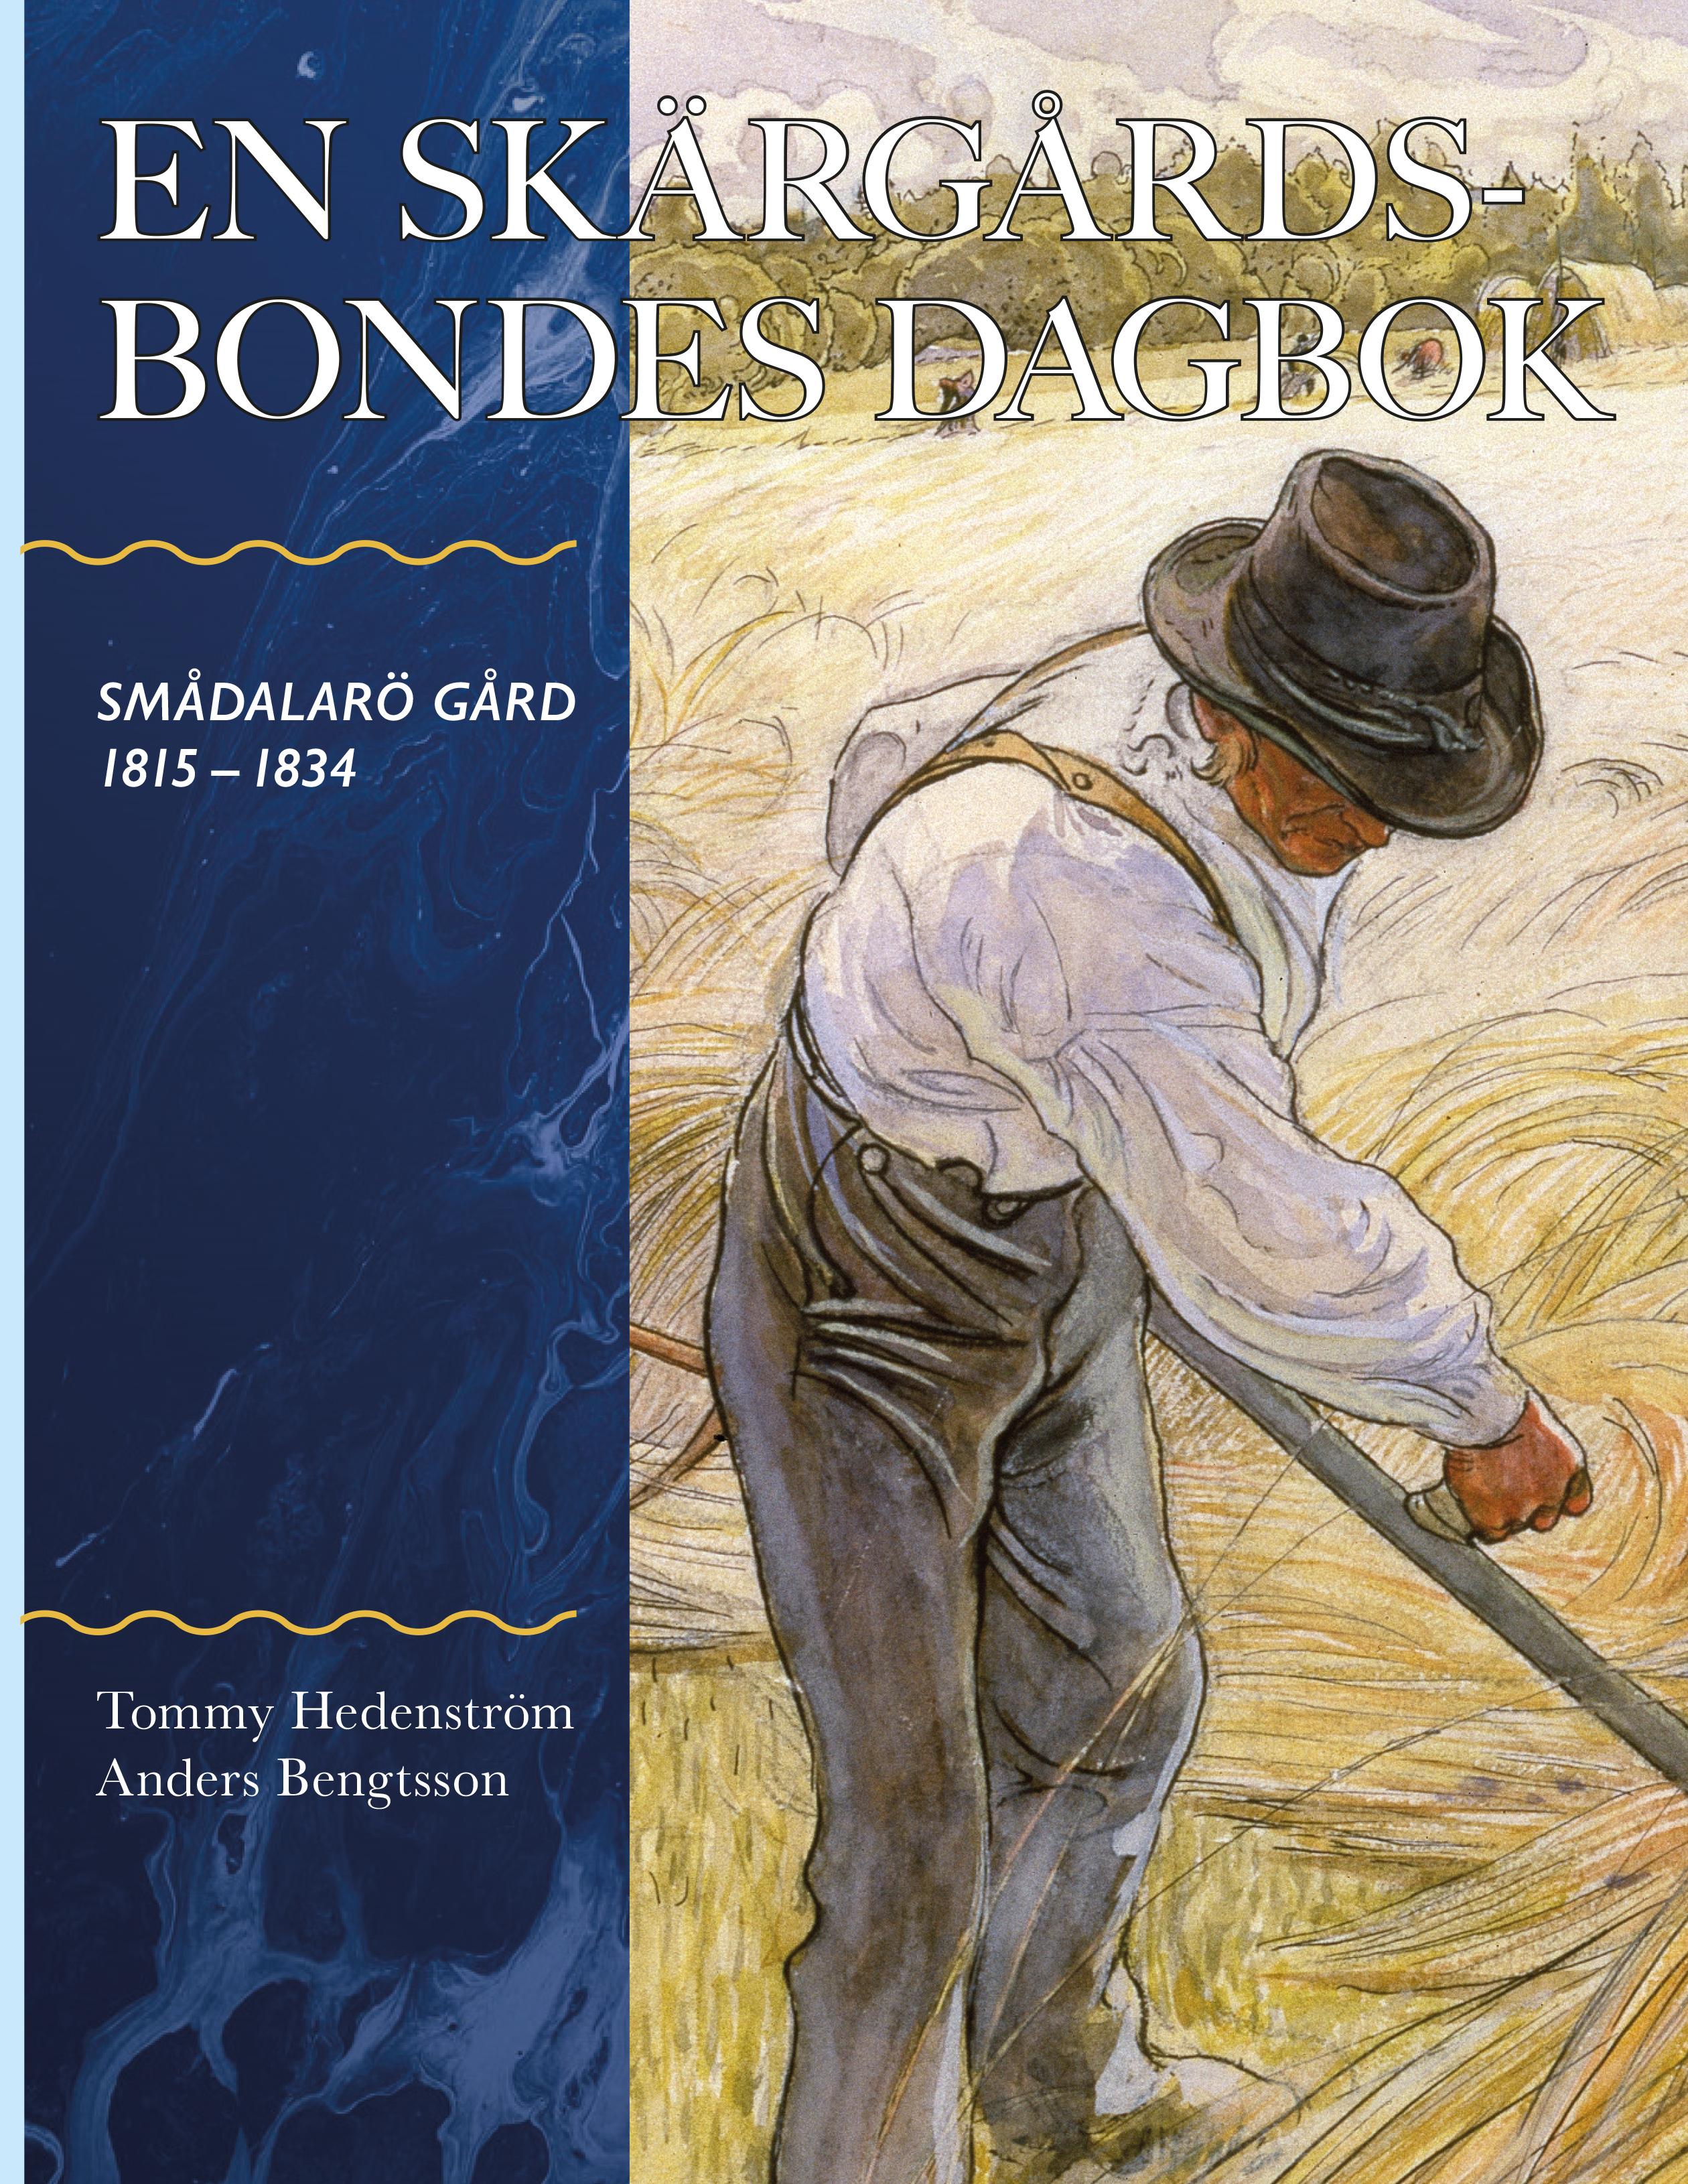 Författarintervju: En skärgårdsbondes dagbok - Smådalarö Gård 1815-1835 av Tommy Hedenström & Anders Bengtsson